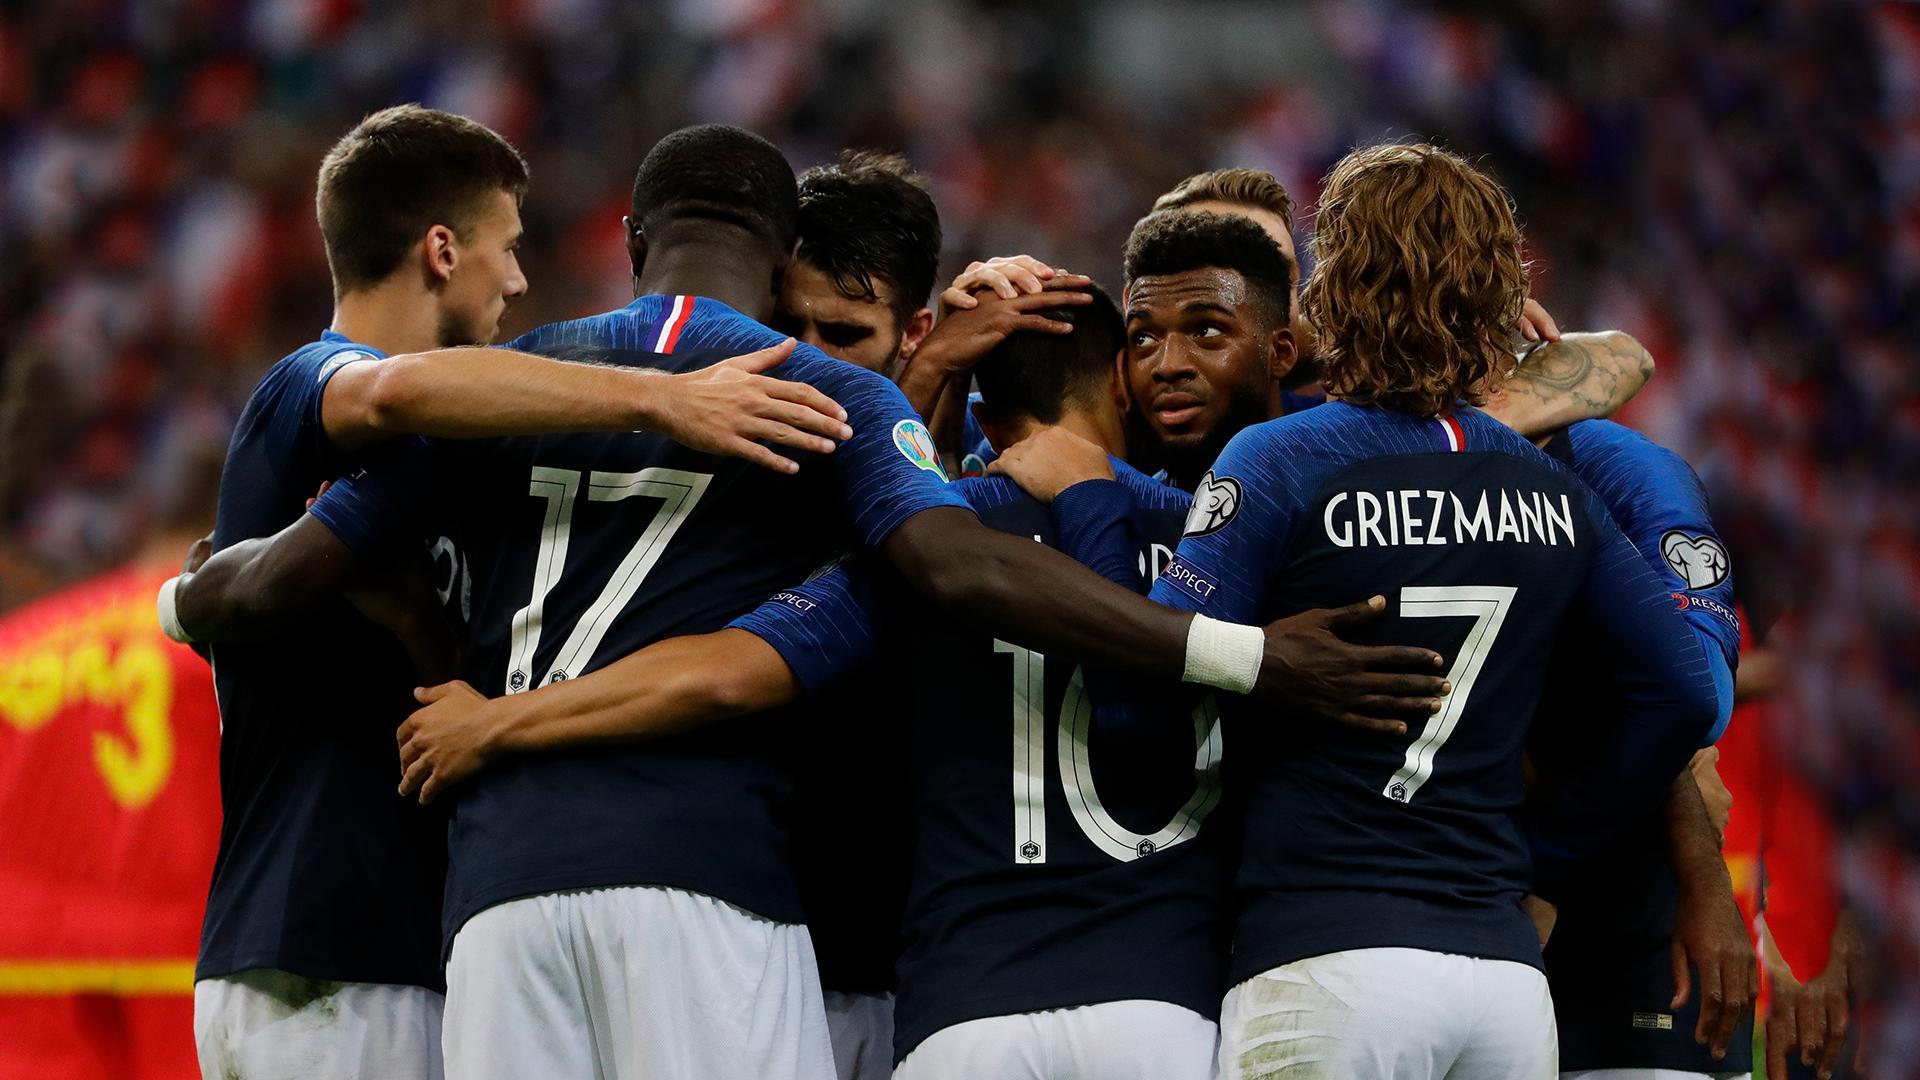 تصفيات يورو 2020 : بطلة العالم فرنسا تحقق فوزها الخامس على حساب الضيف أندورا 27